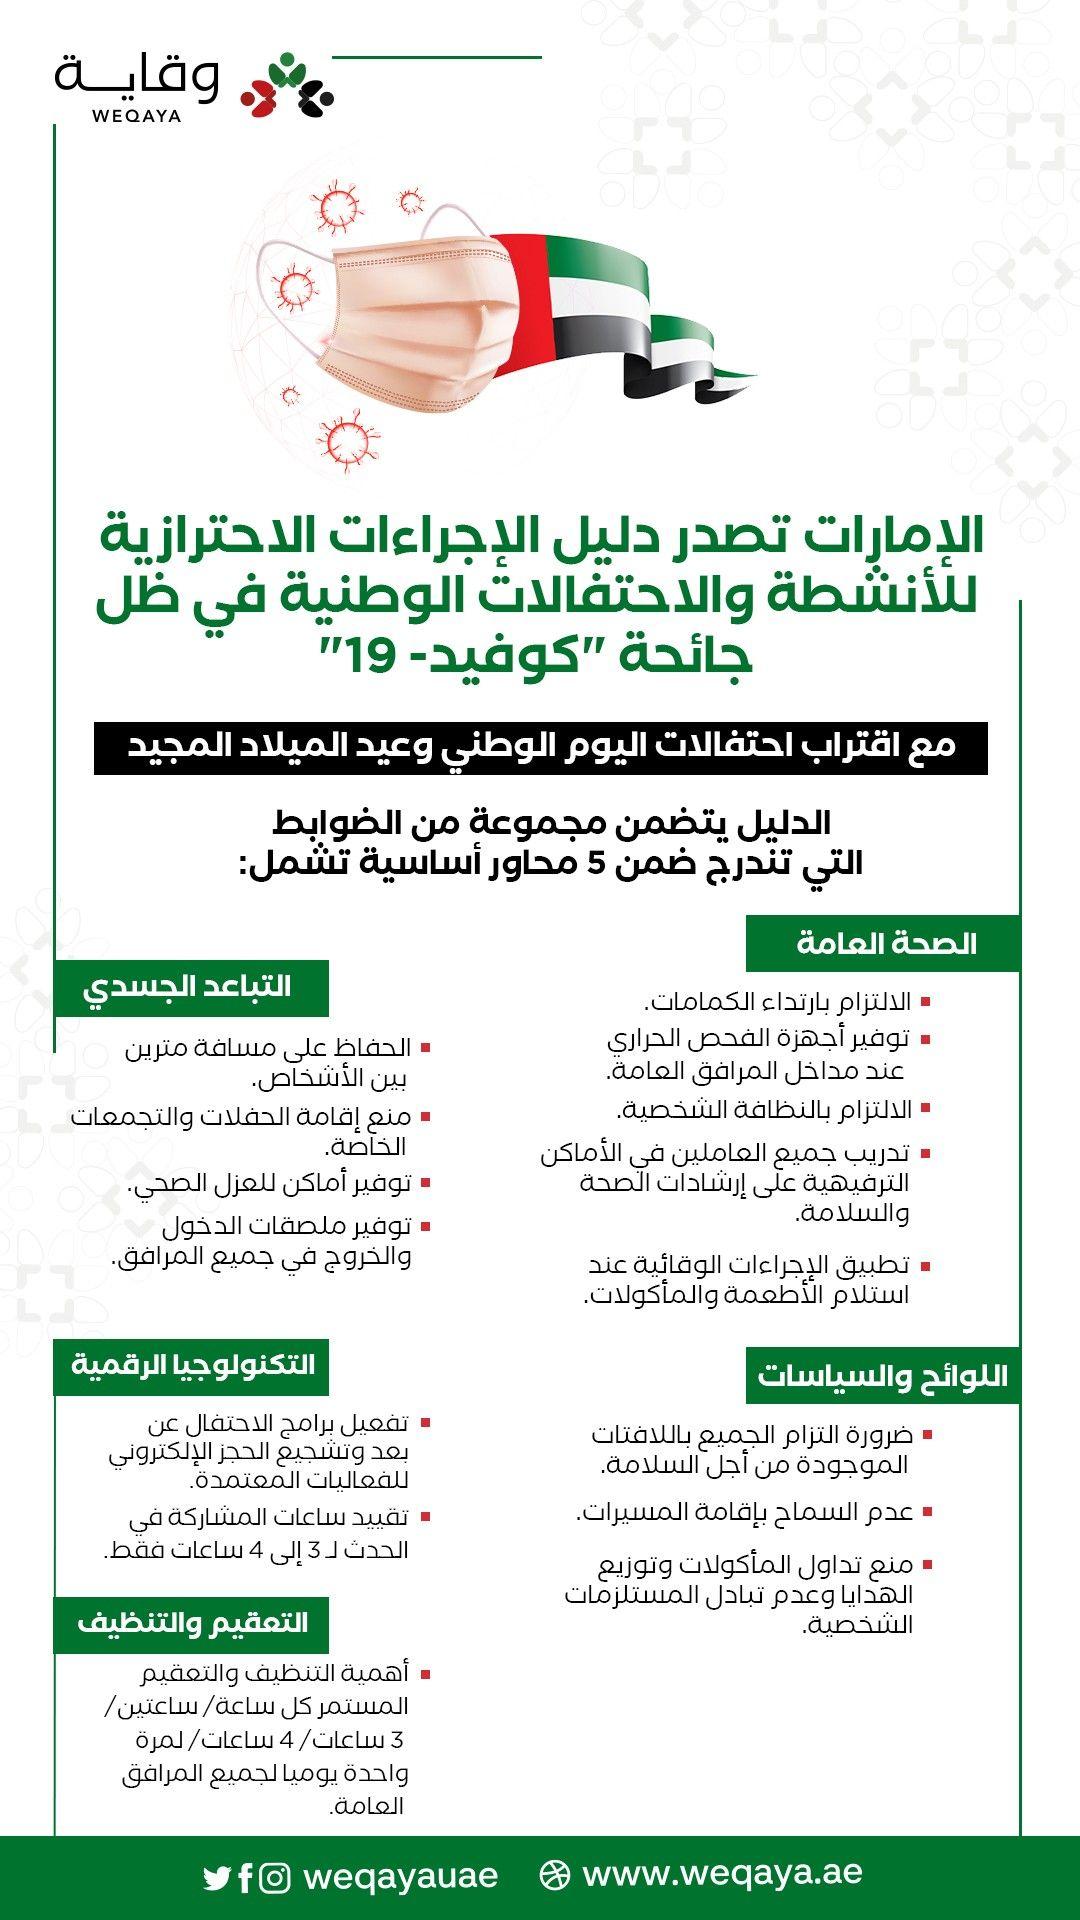 الإمارات تناشد المواطنين بالإلتزام بإجراءات السلامة مع إقتراب اليوم الوطني وعيد الميلاد المجيد Hag